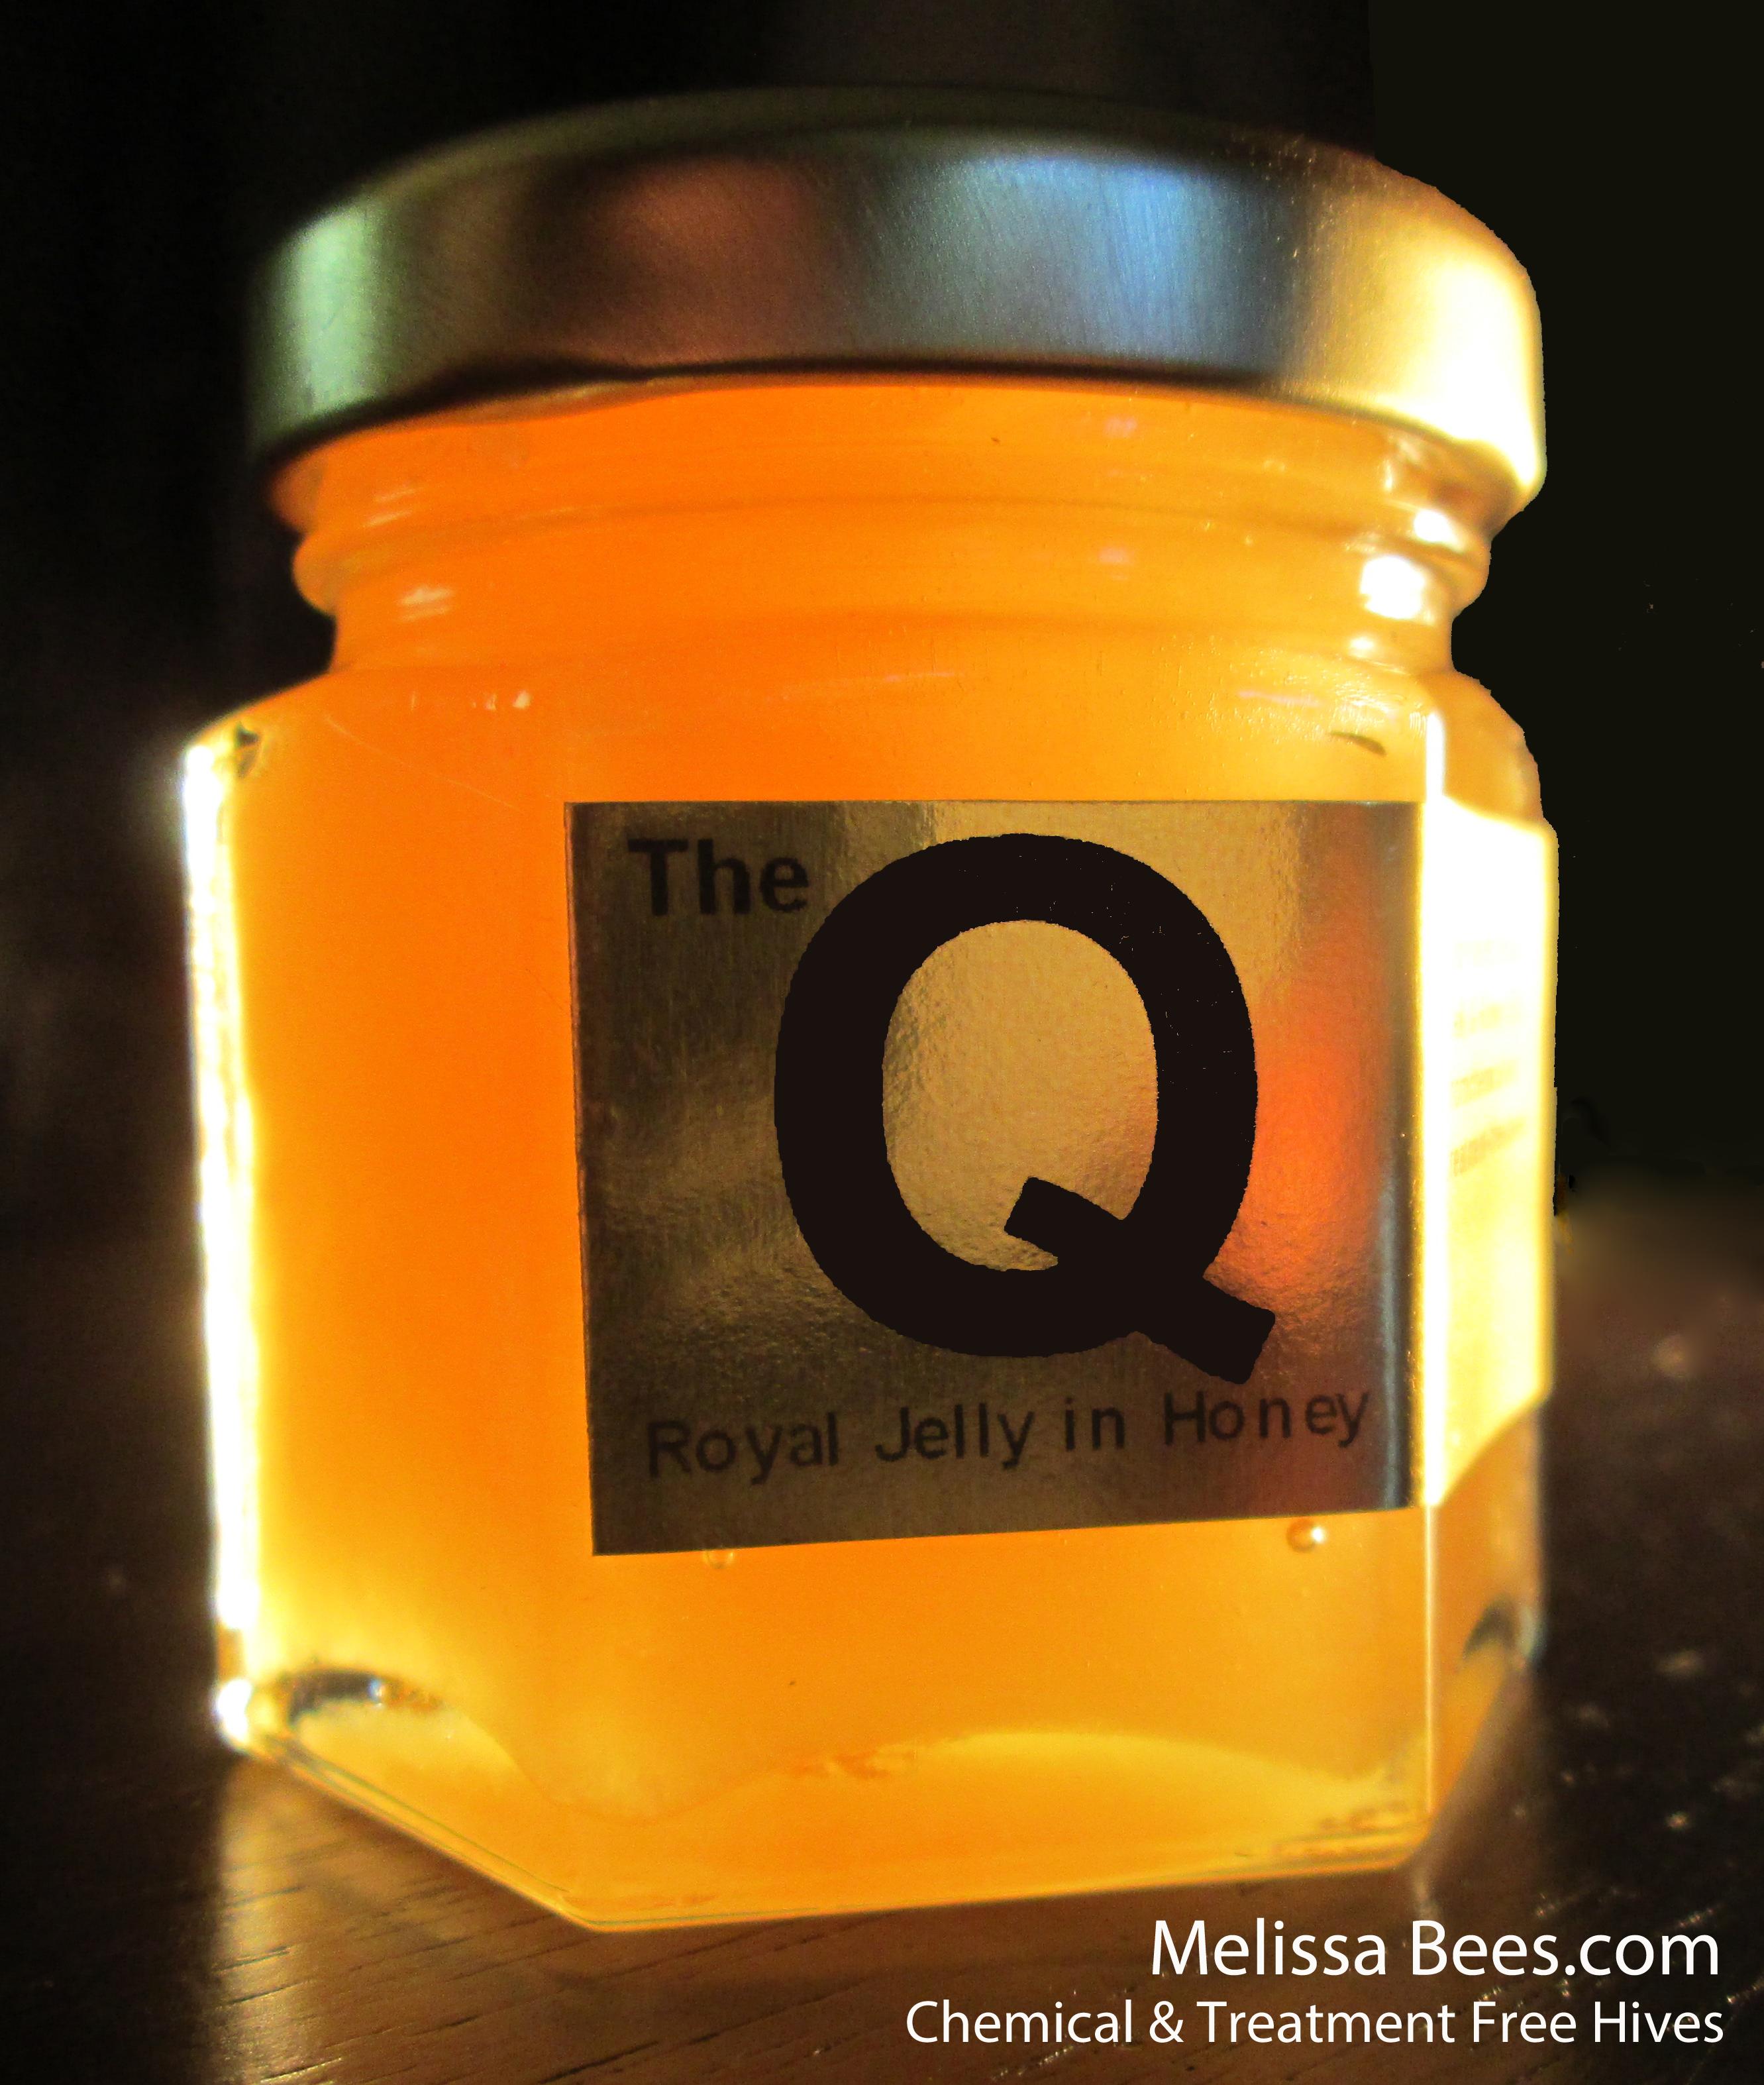 The Q+label